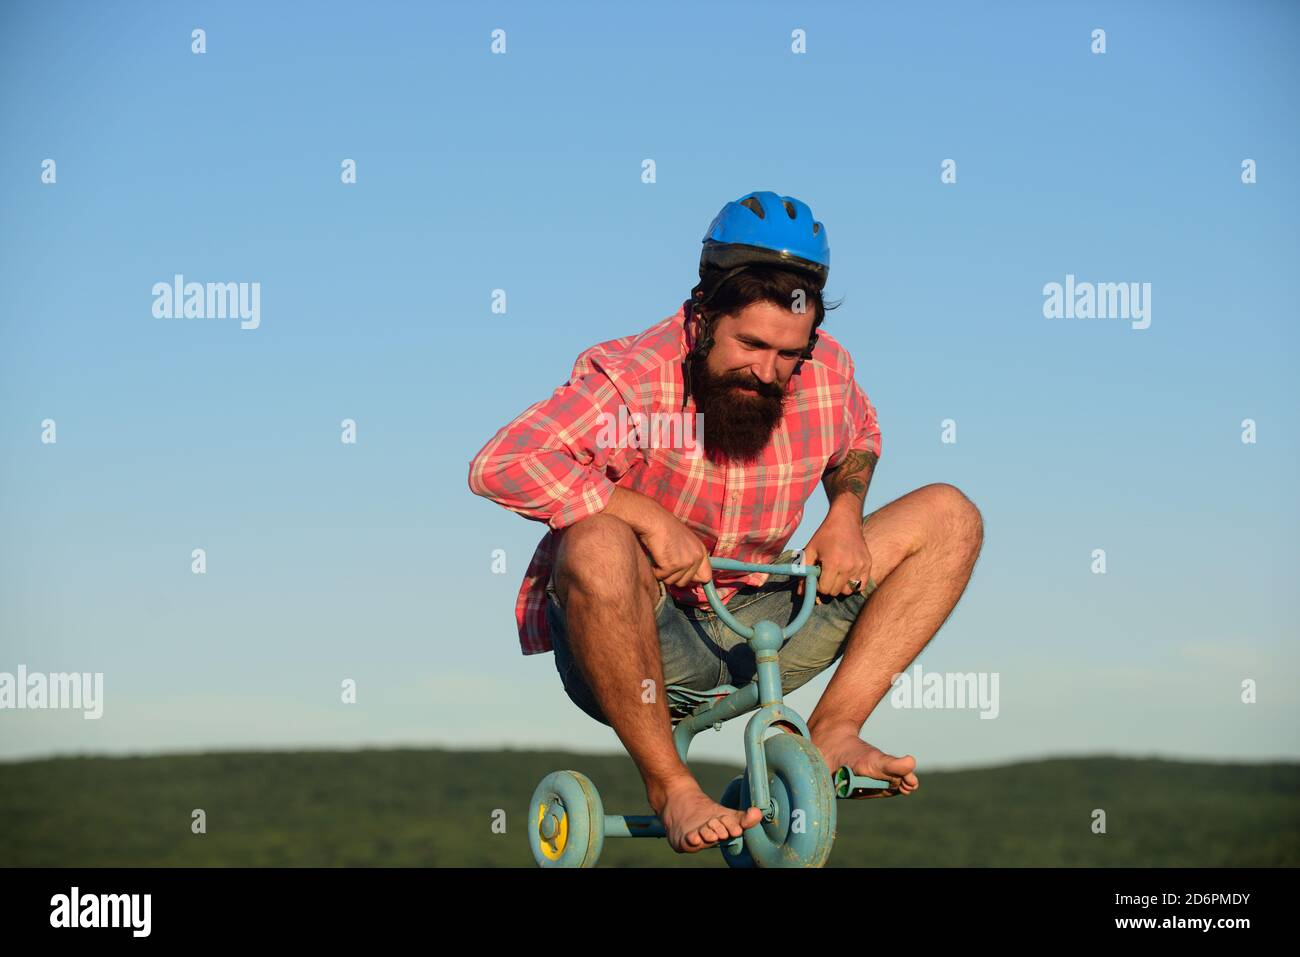 Hombre divertido en una bicicleta para niños. Paseo en bicicleta nerdy. Foto de stock